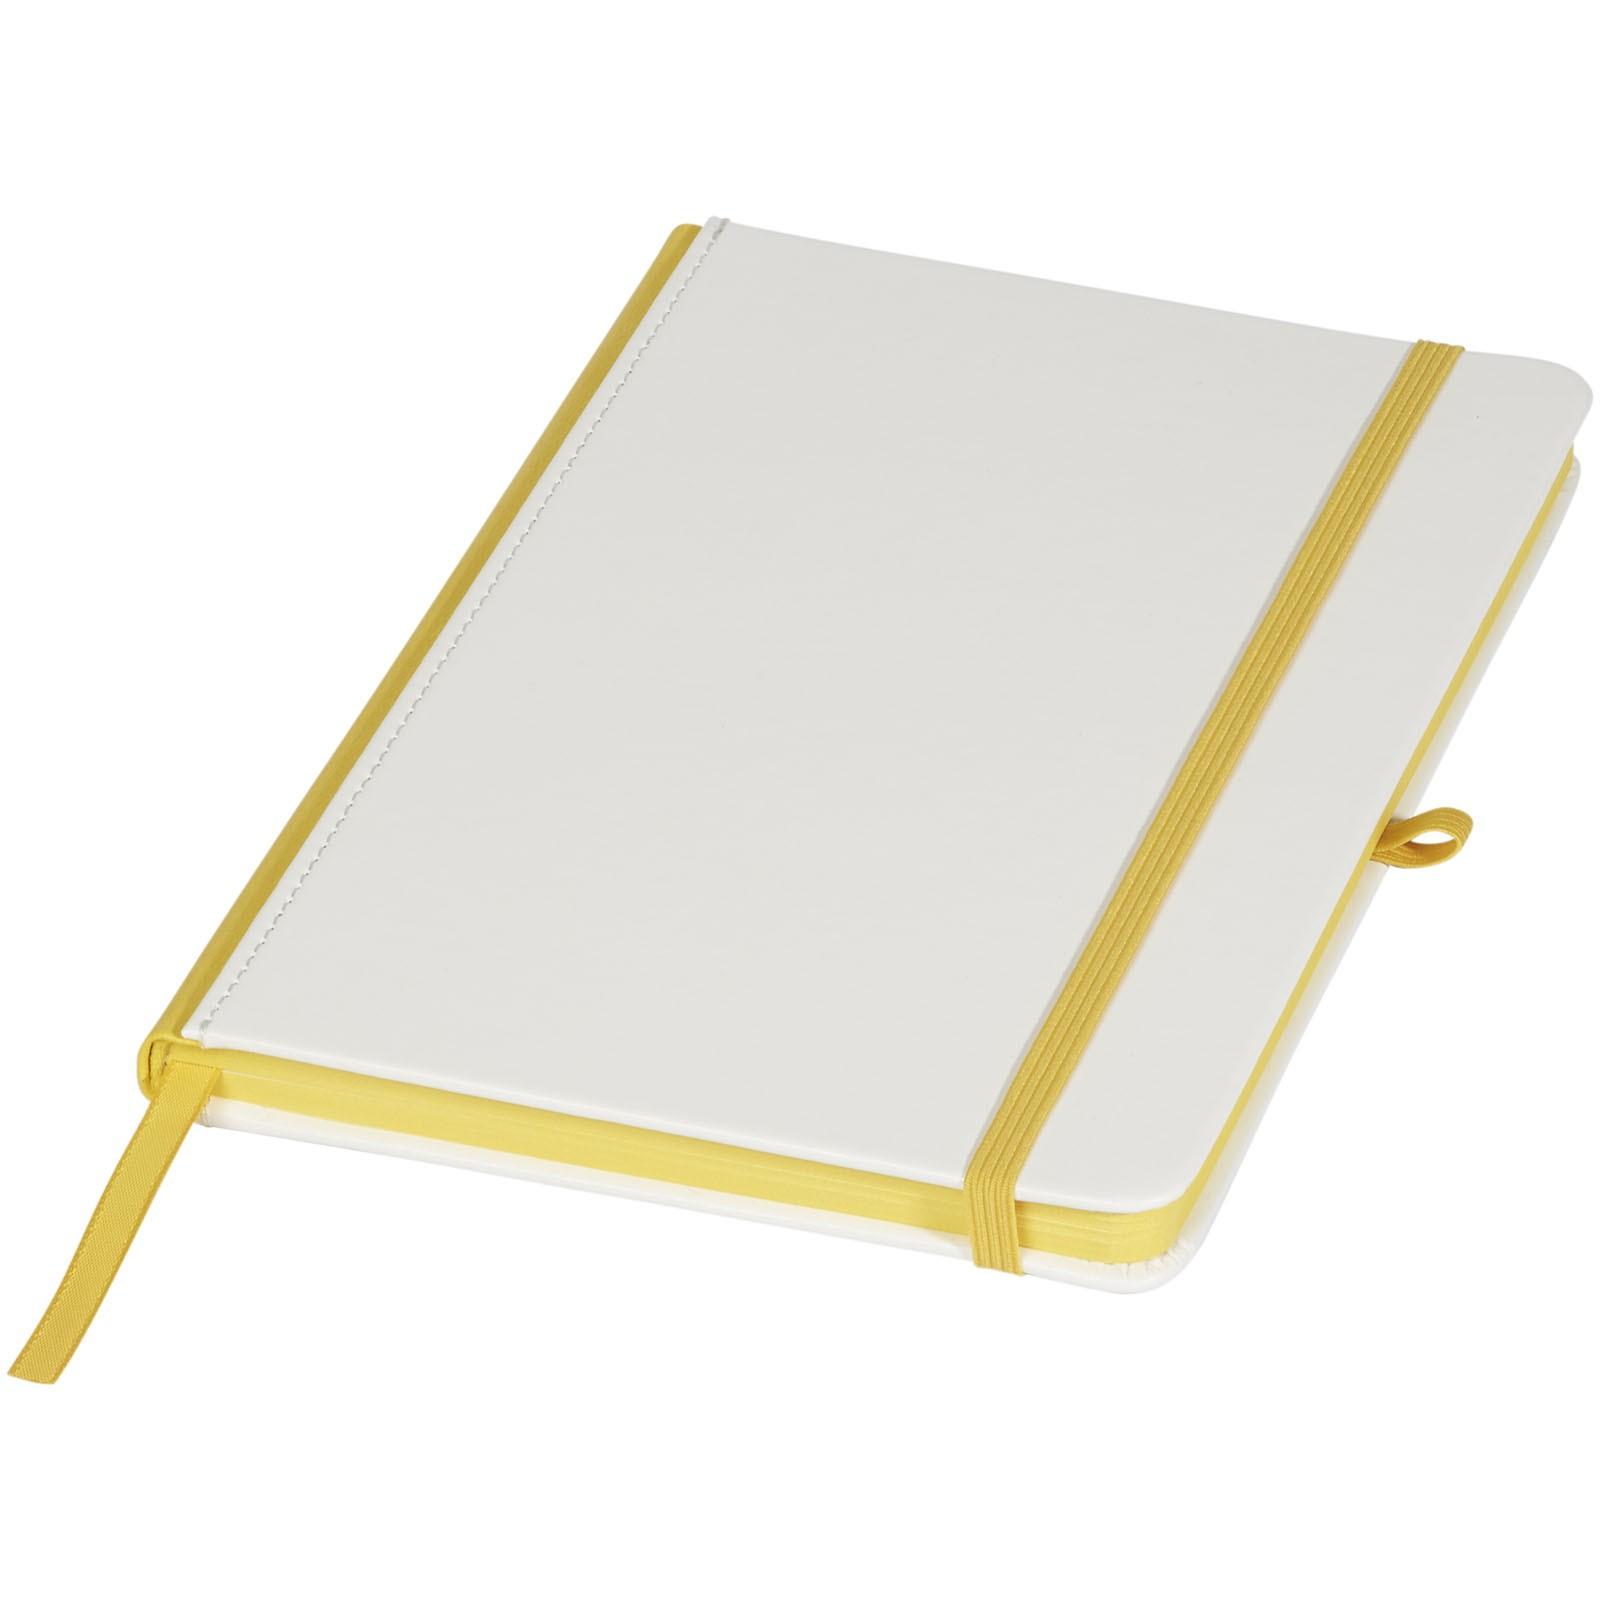 A5 Notizbuch für Digitaldruck - Weiss / Gelb